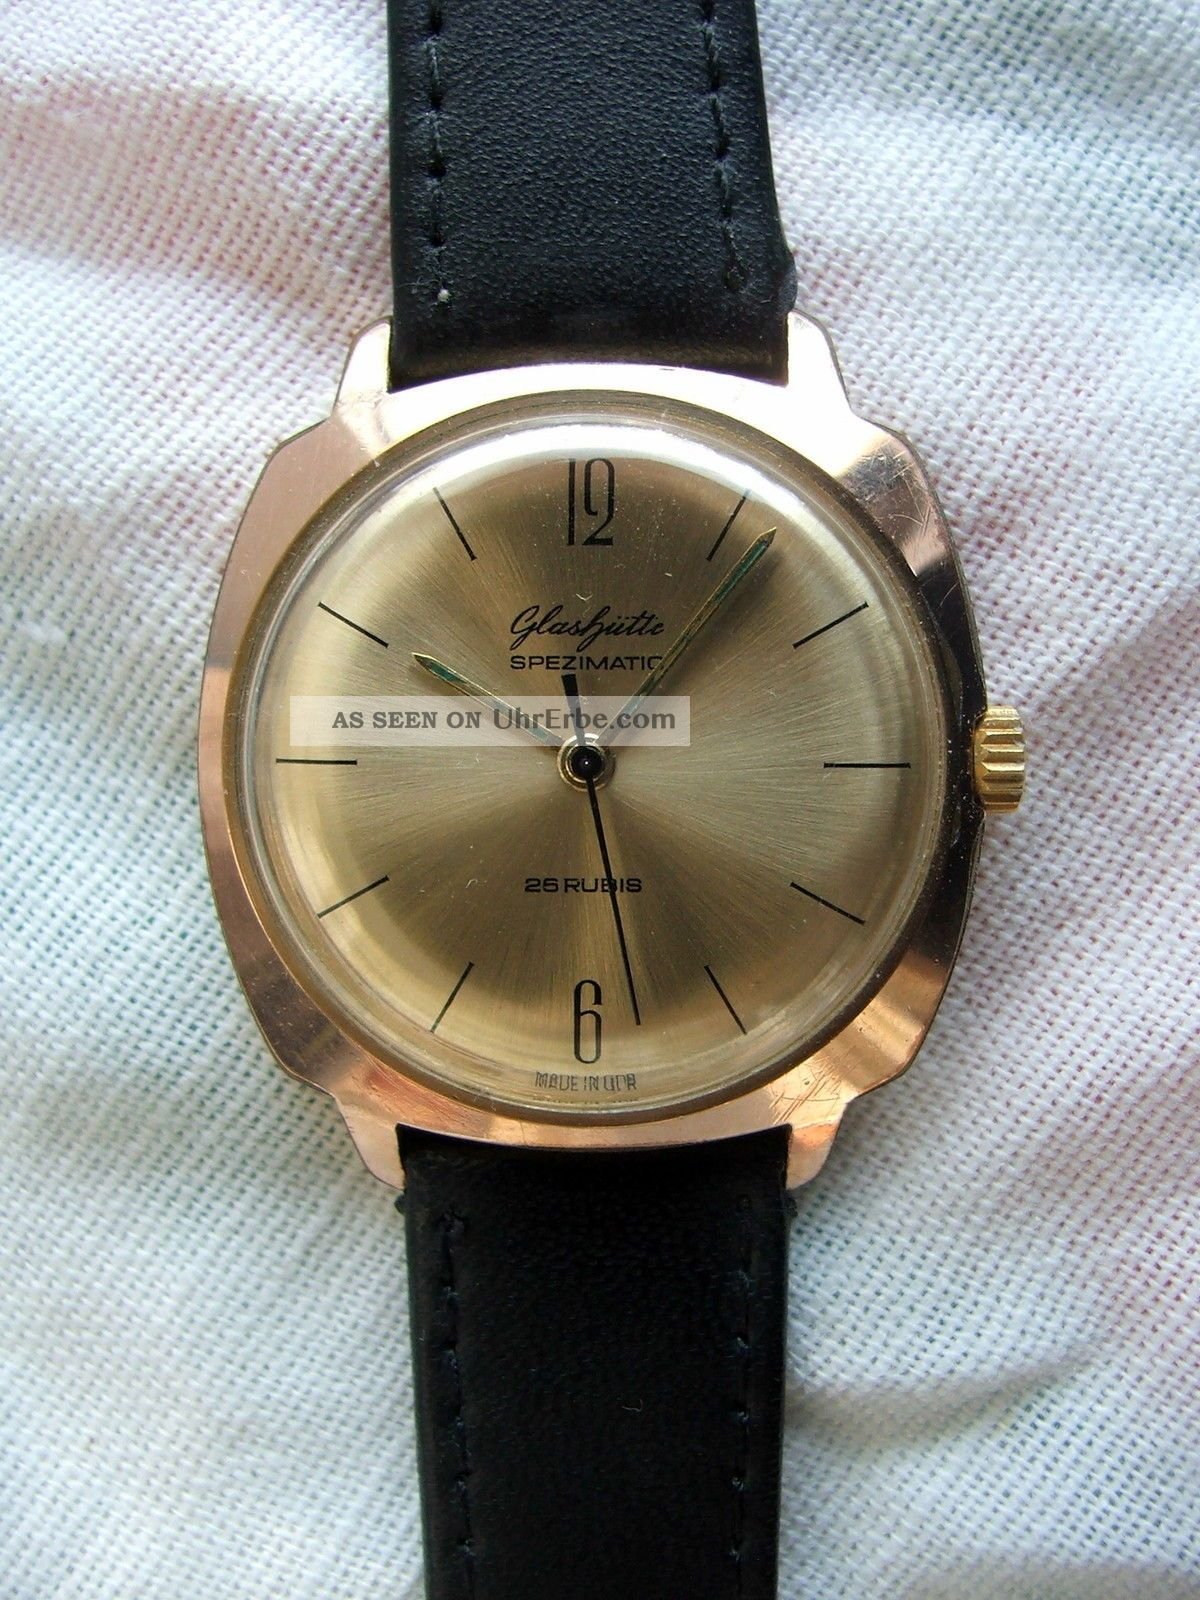 Schöne Glashütte,  Spezimatic Aus Sammlung Armbanduhren Bild